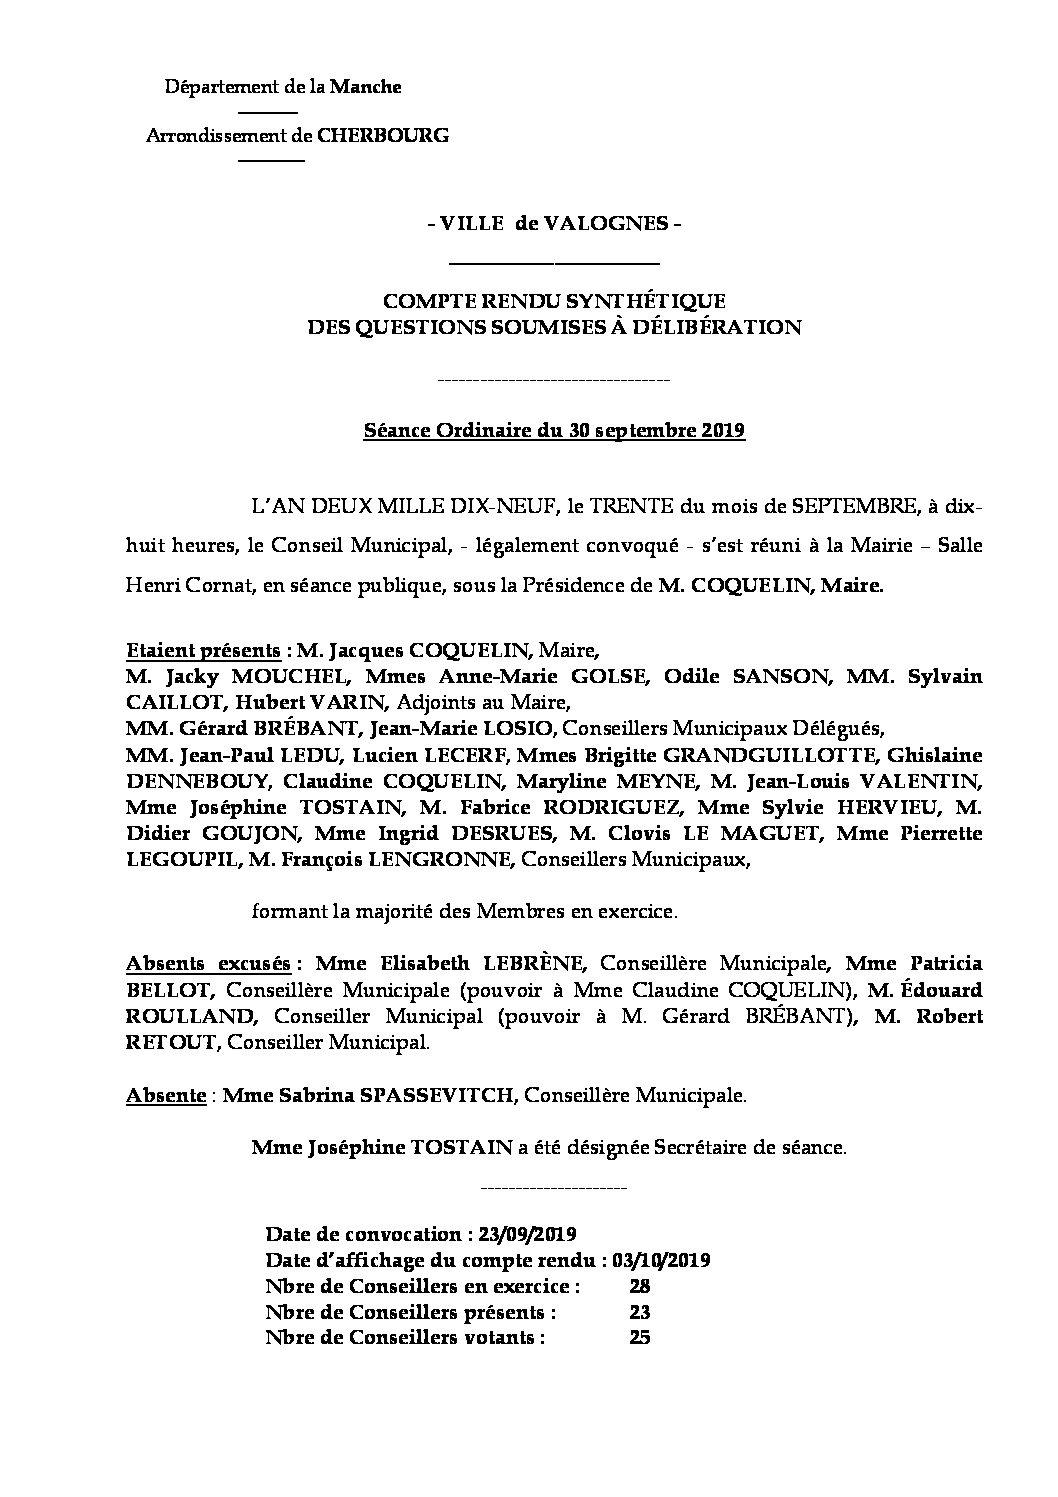 compte rendu synthétique 30 09 19 - Compte rendu synthétique des questions soumises à délibération lors de la séance du 30 septembre 2019.